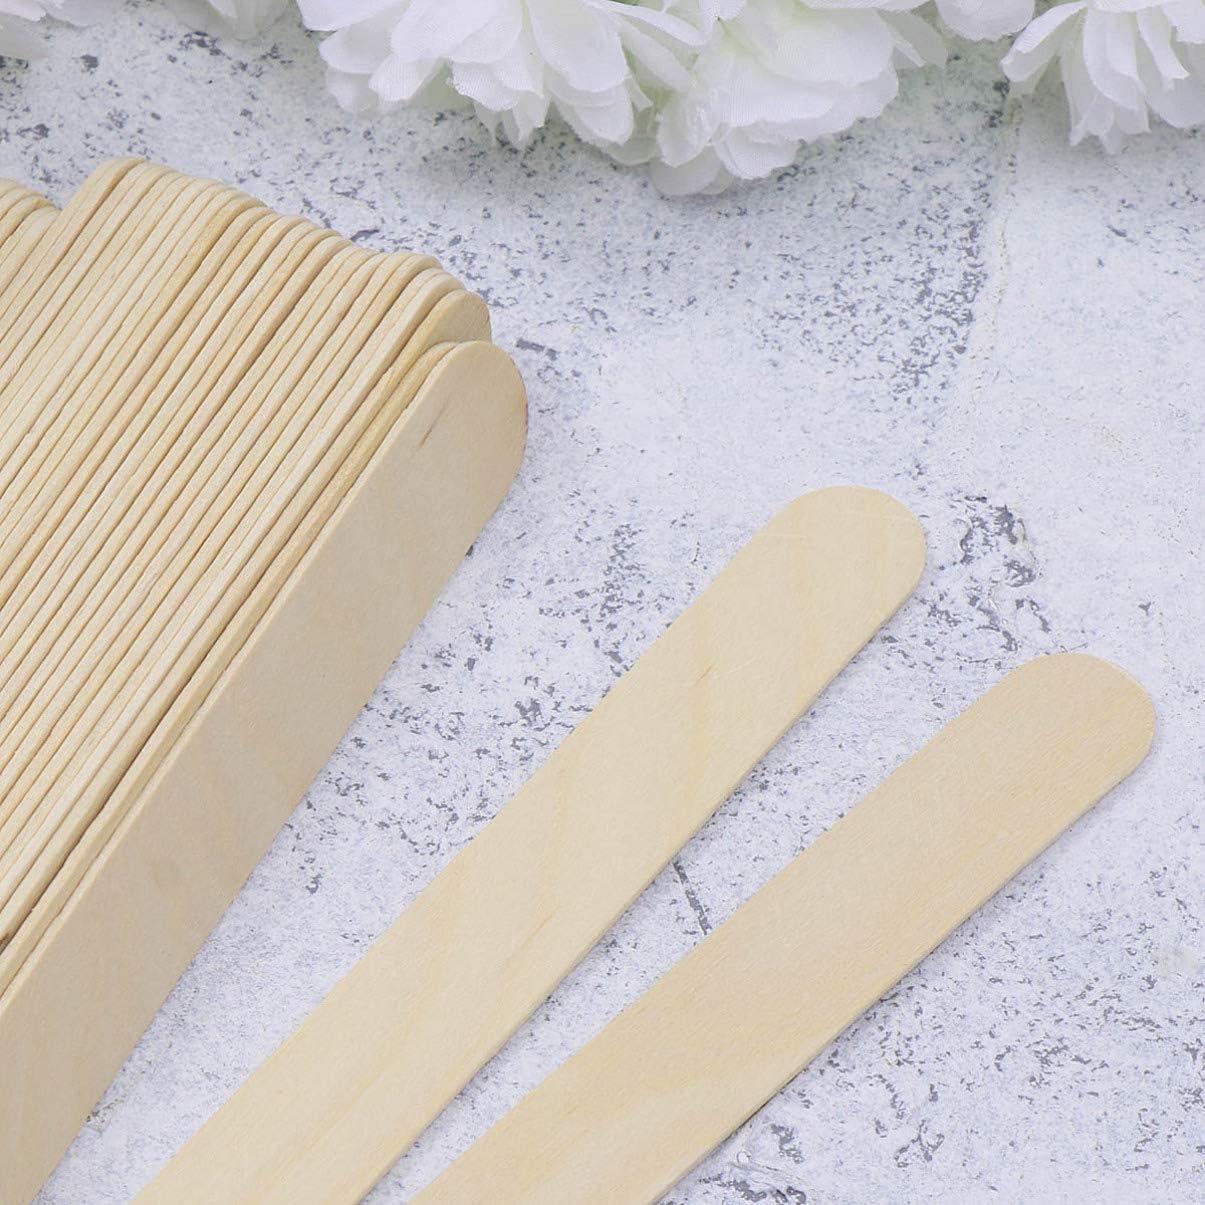 Amosfun 100 palitos de madera para helado accesorios de bricolaje 114x10x2mm Colorful palitos de paleta de madera natural para manualidades